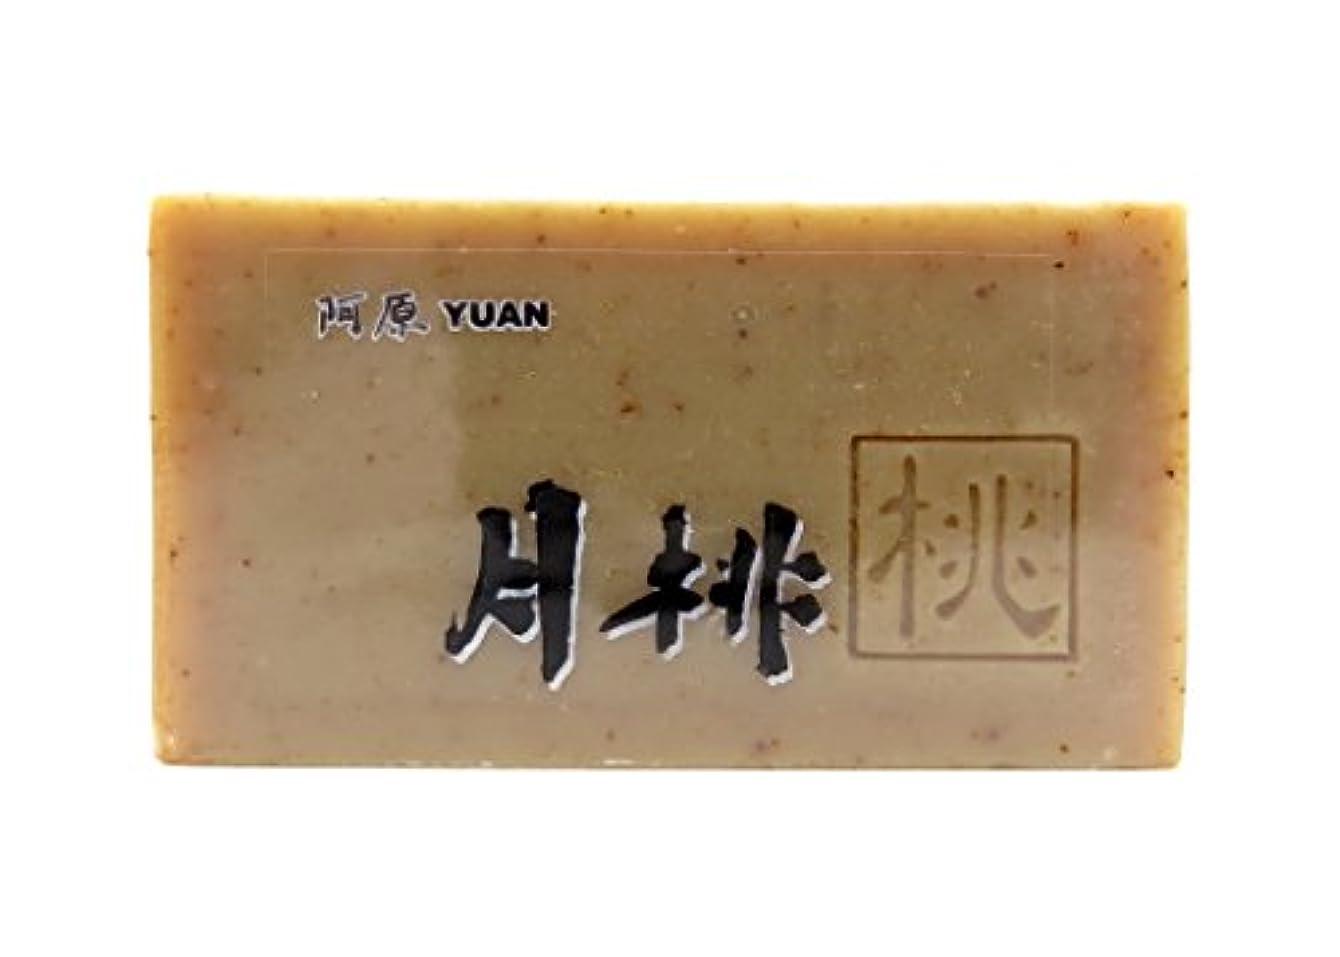 新年再発する薄めるユアン(YUAN) 月桃(ゲットウ)ソープ 固形 100g (阿原 ユアンソープ)